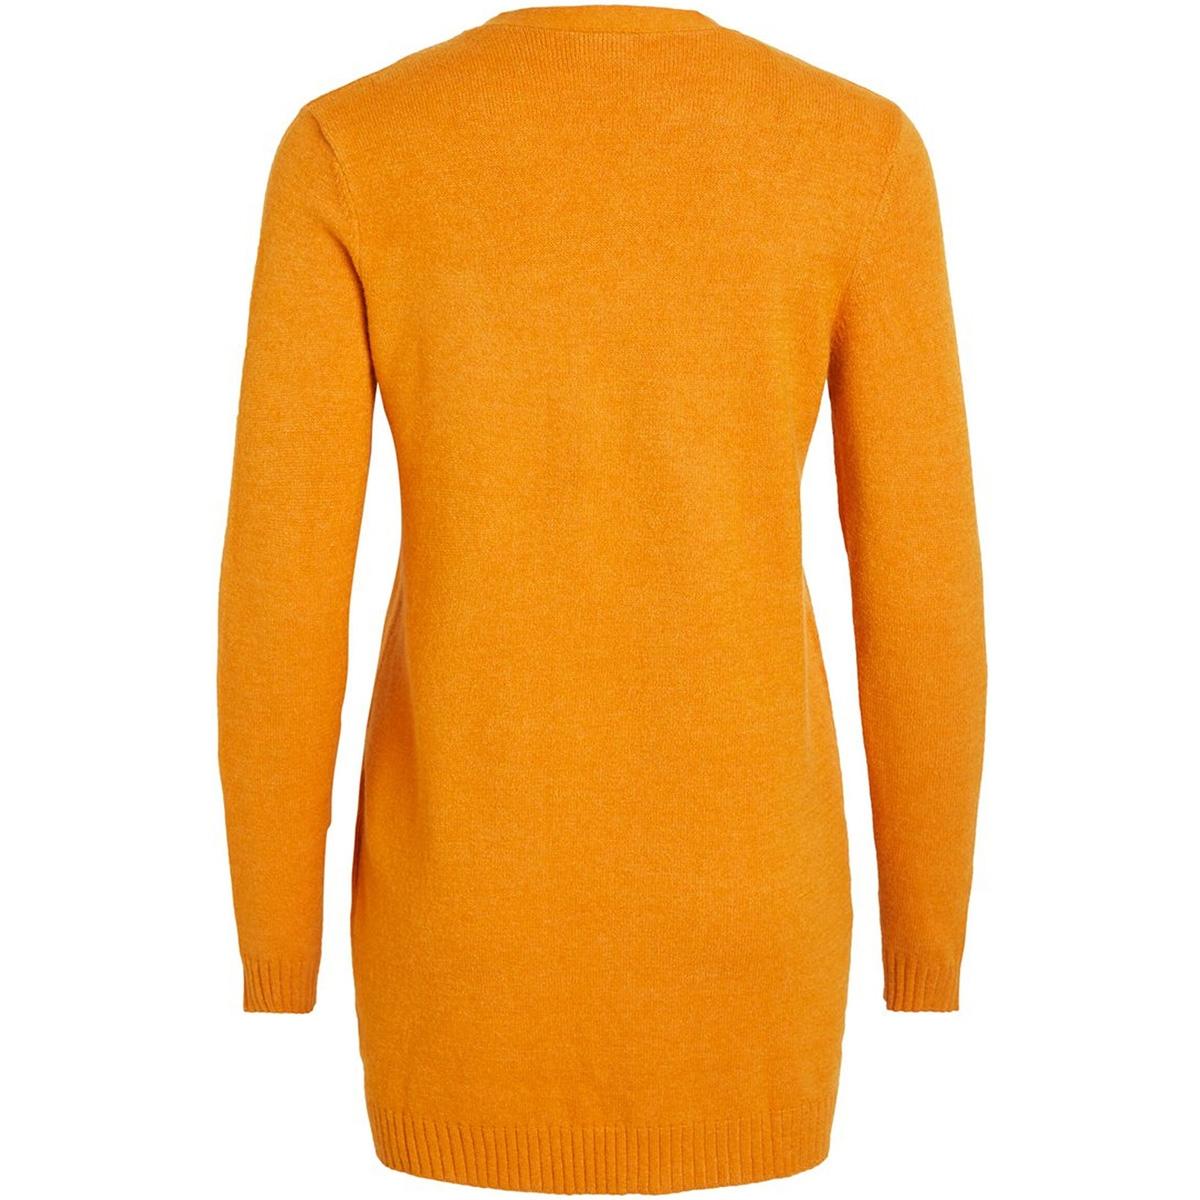 viril l/s  open knit cardigan-noos 14044041 vila vest golden oak/melange